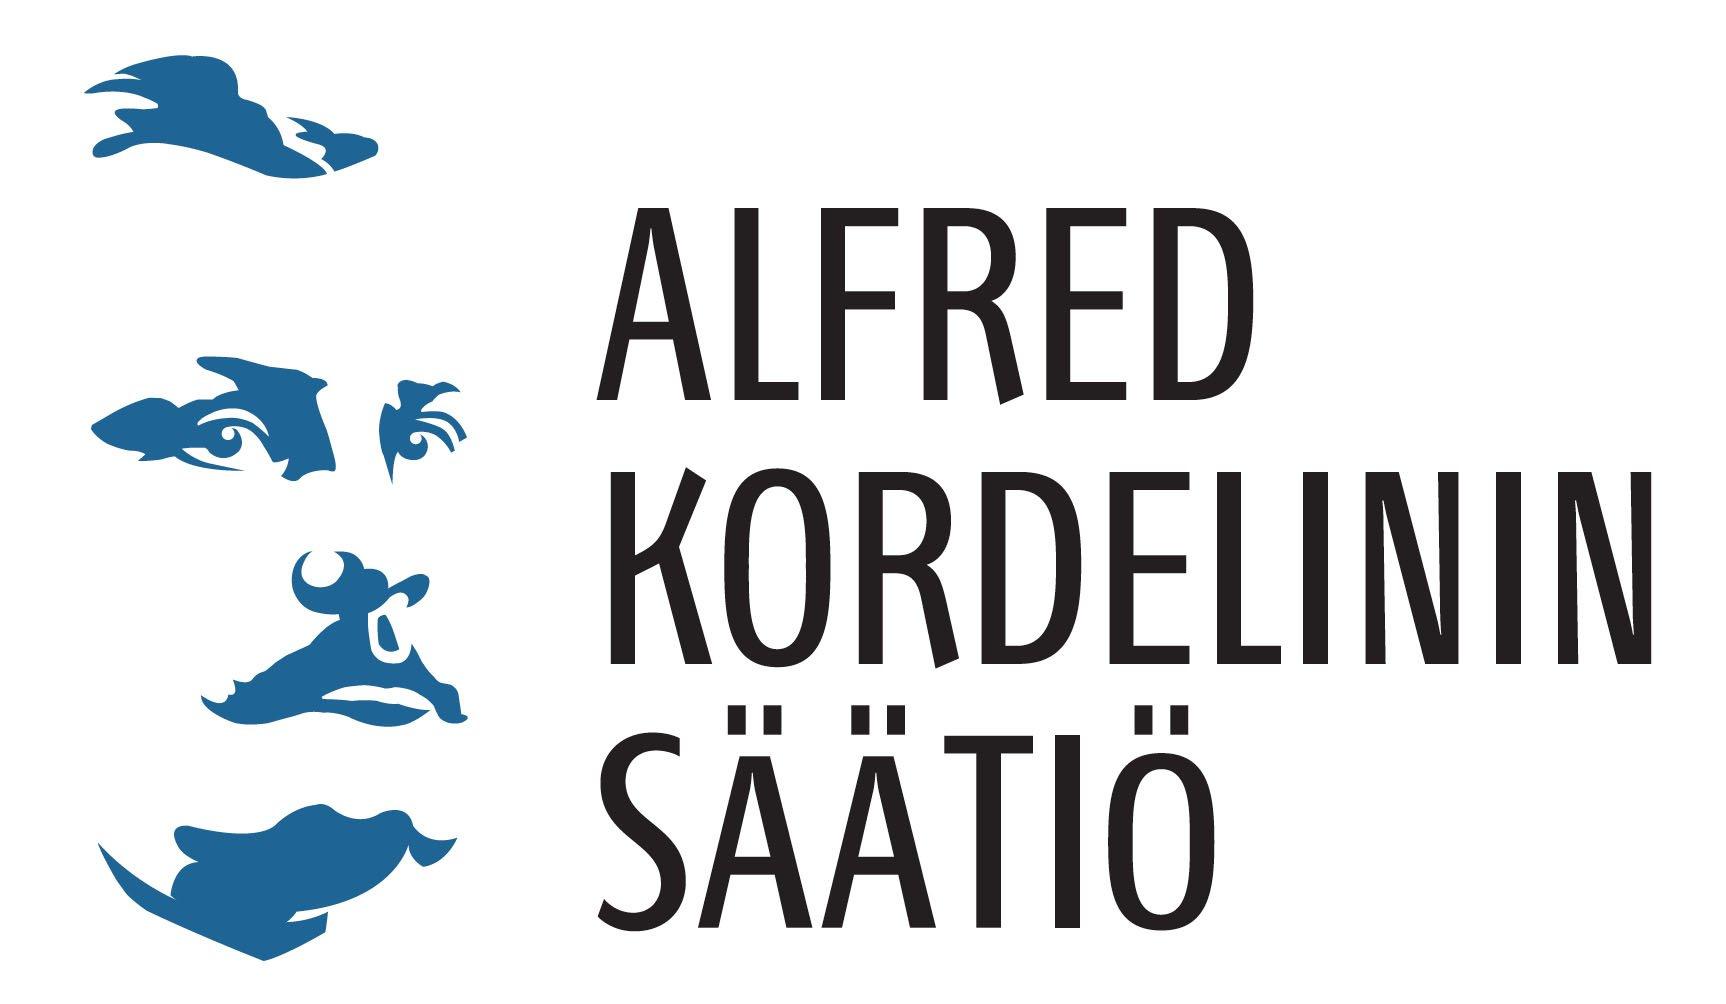 Kordelini fond jagab taas stipendiume tõlkijatele ja keeleuurijatele